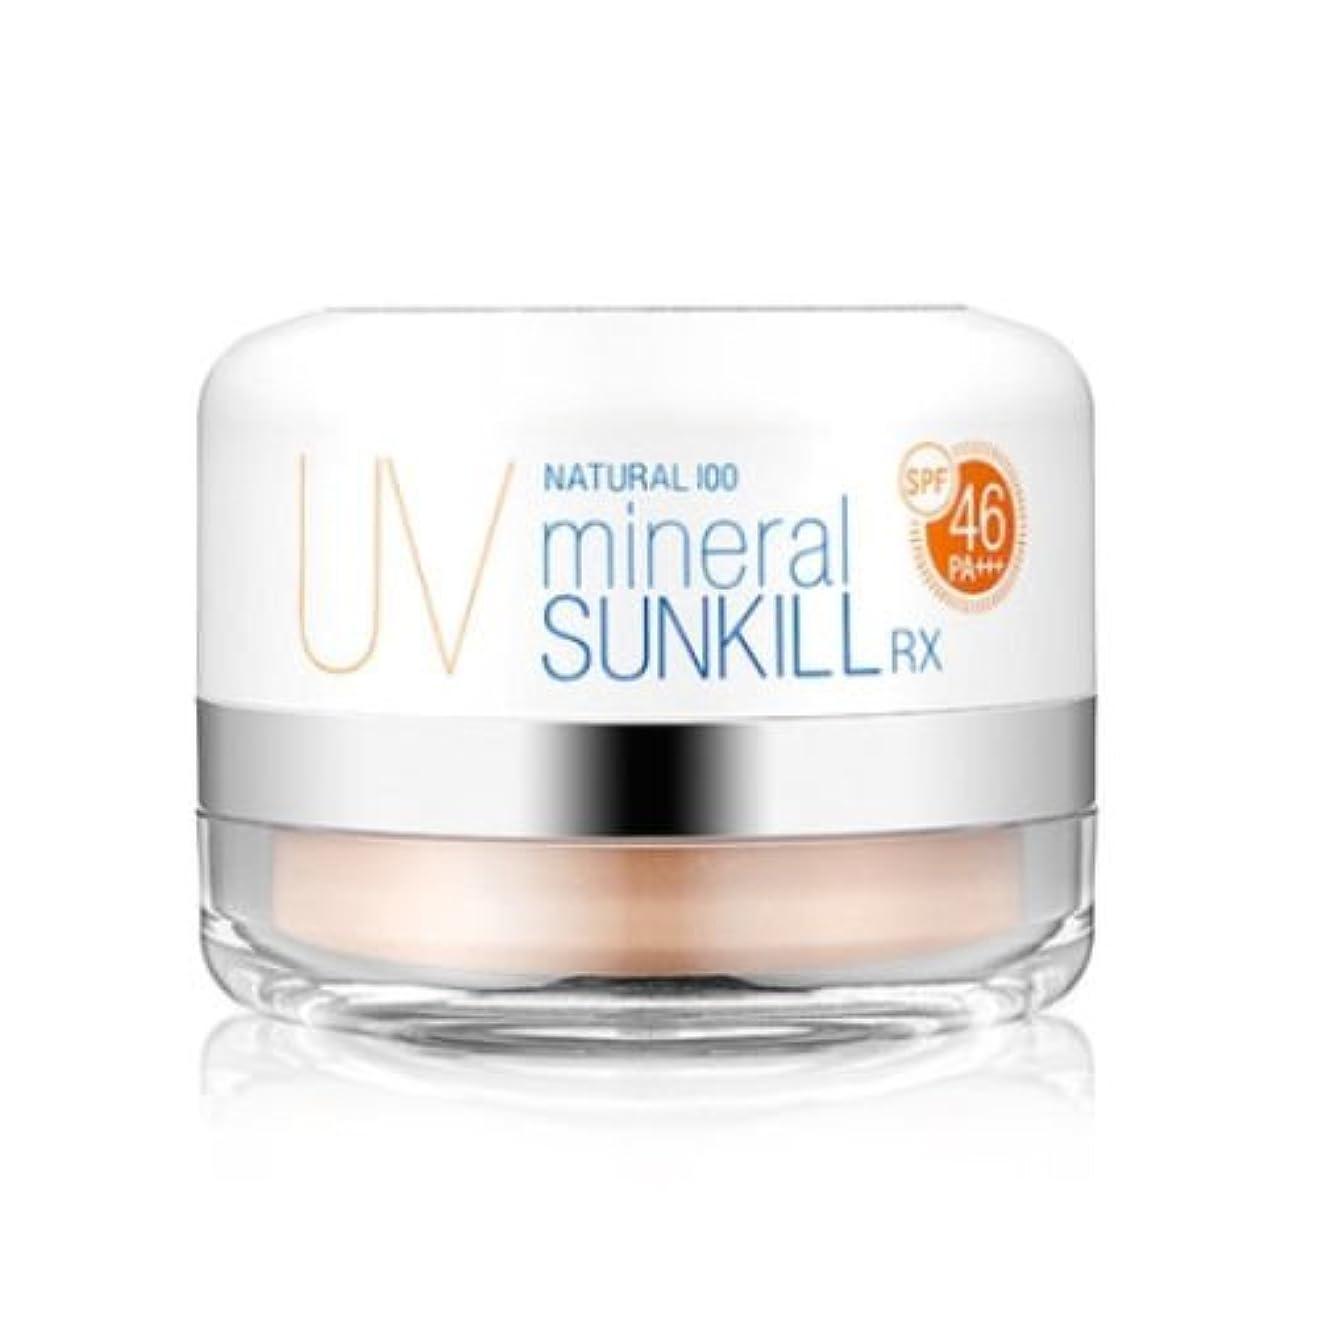 植物の卑しいホールカトリン[Catrin]Natural 100% Mineral Powder Sunkill RX Natural 100 Mineral Sunkill RX UV Powder ナチュラル100ミネラルソンキルRX...